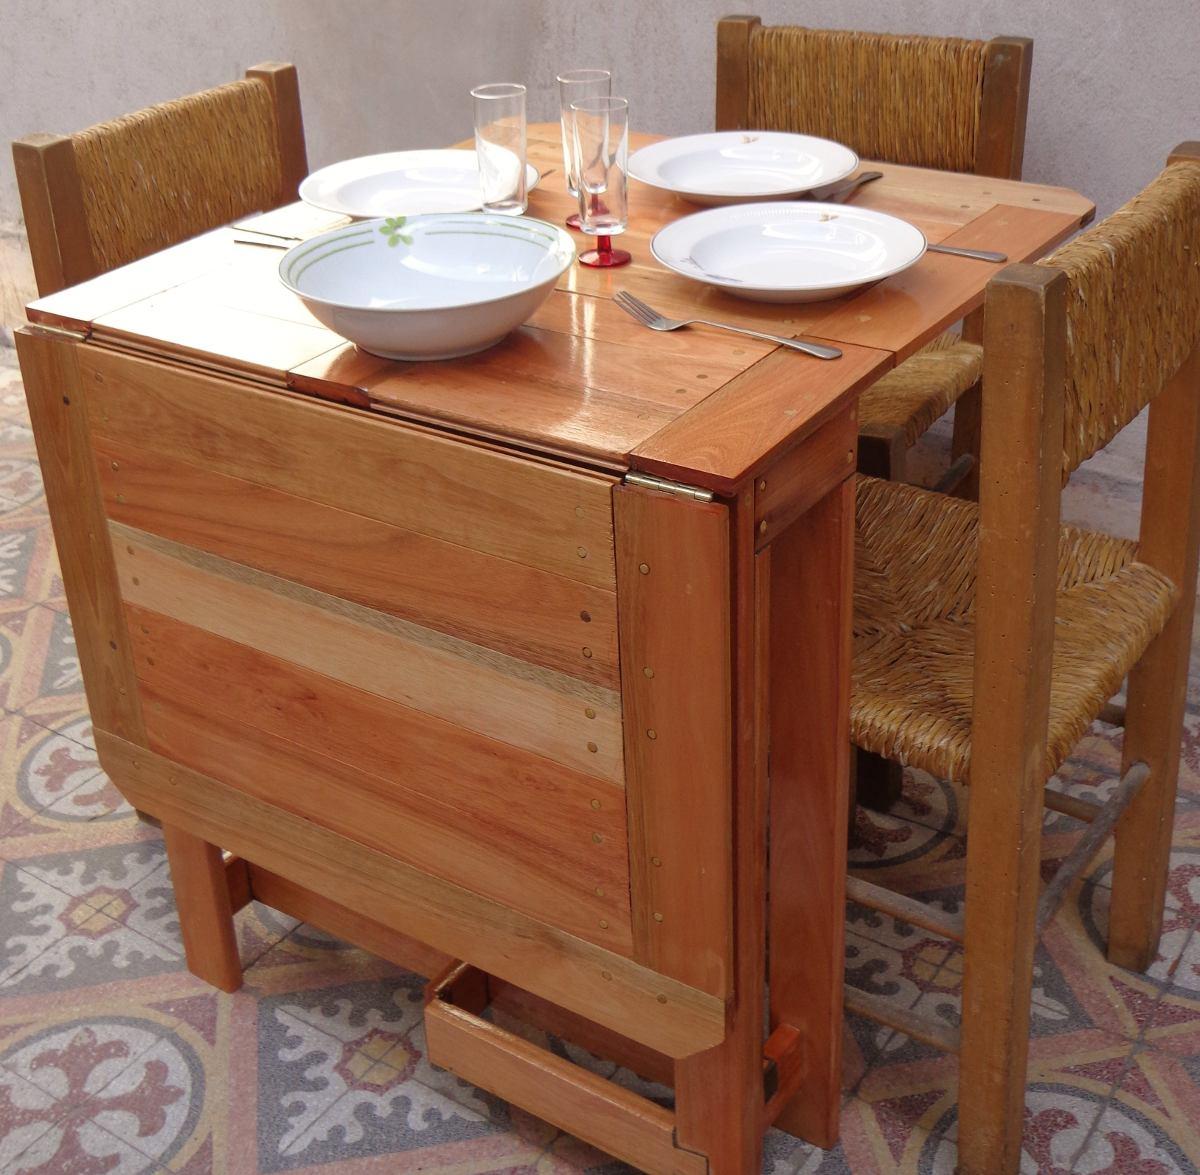 Mesa Plegable De Madera Maciza Rectangular Cocina O Comedor ...